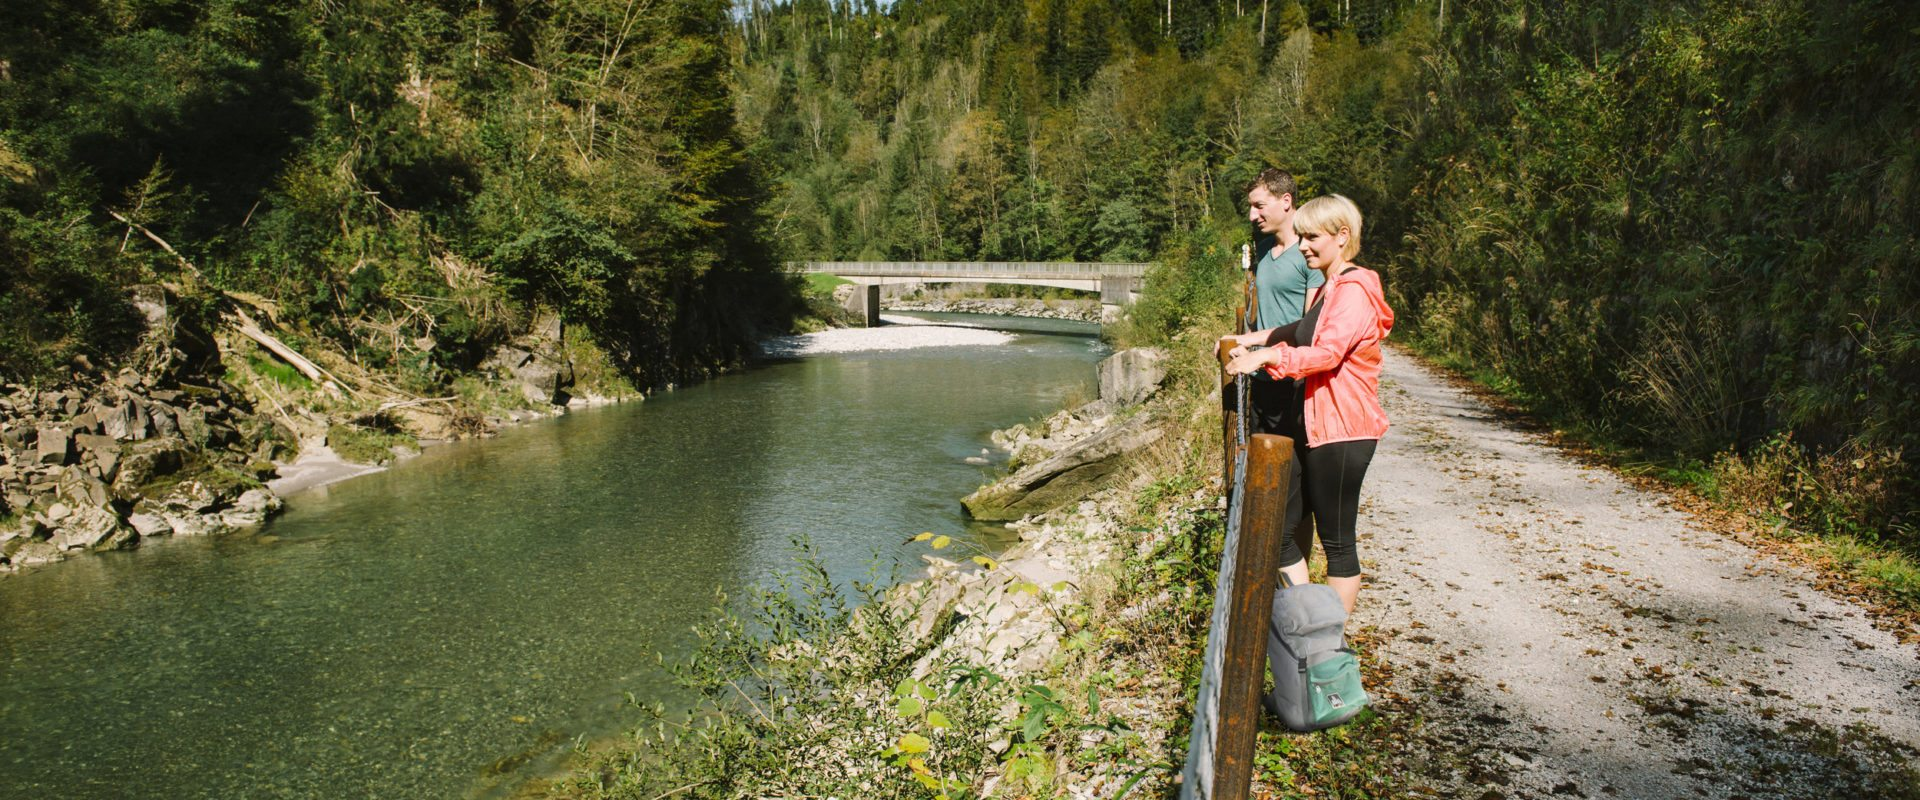 Weitwandern Achtalweg © Benjamin Schlachter / Bregenzerwald Tourismus